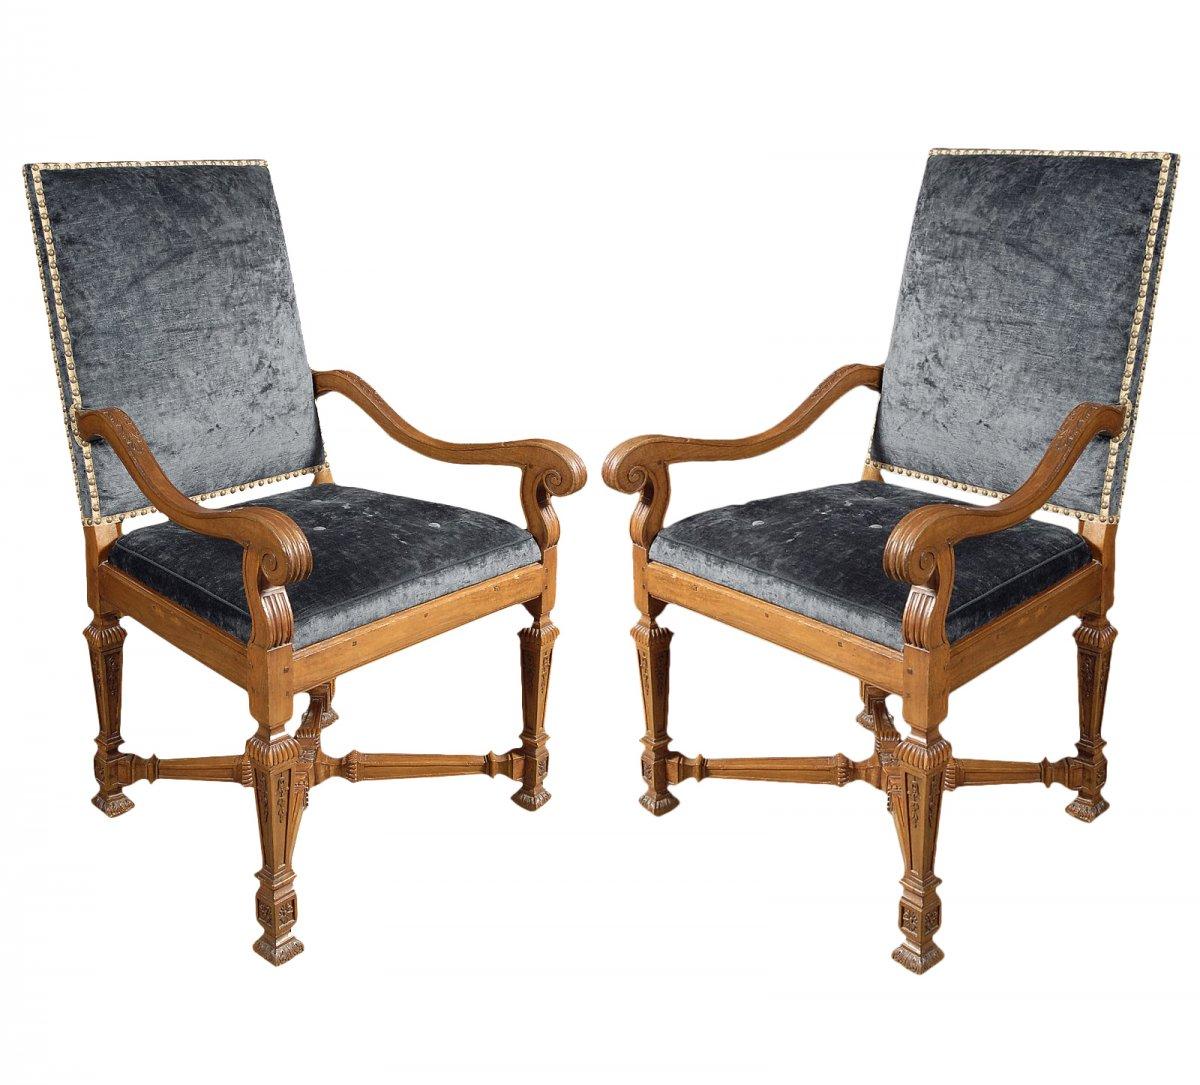 paire de fauteuils d 39 poque louis xiv xviiie si cle n. Black Bedroom Furniture Sets. Home Design Ideas